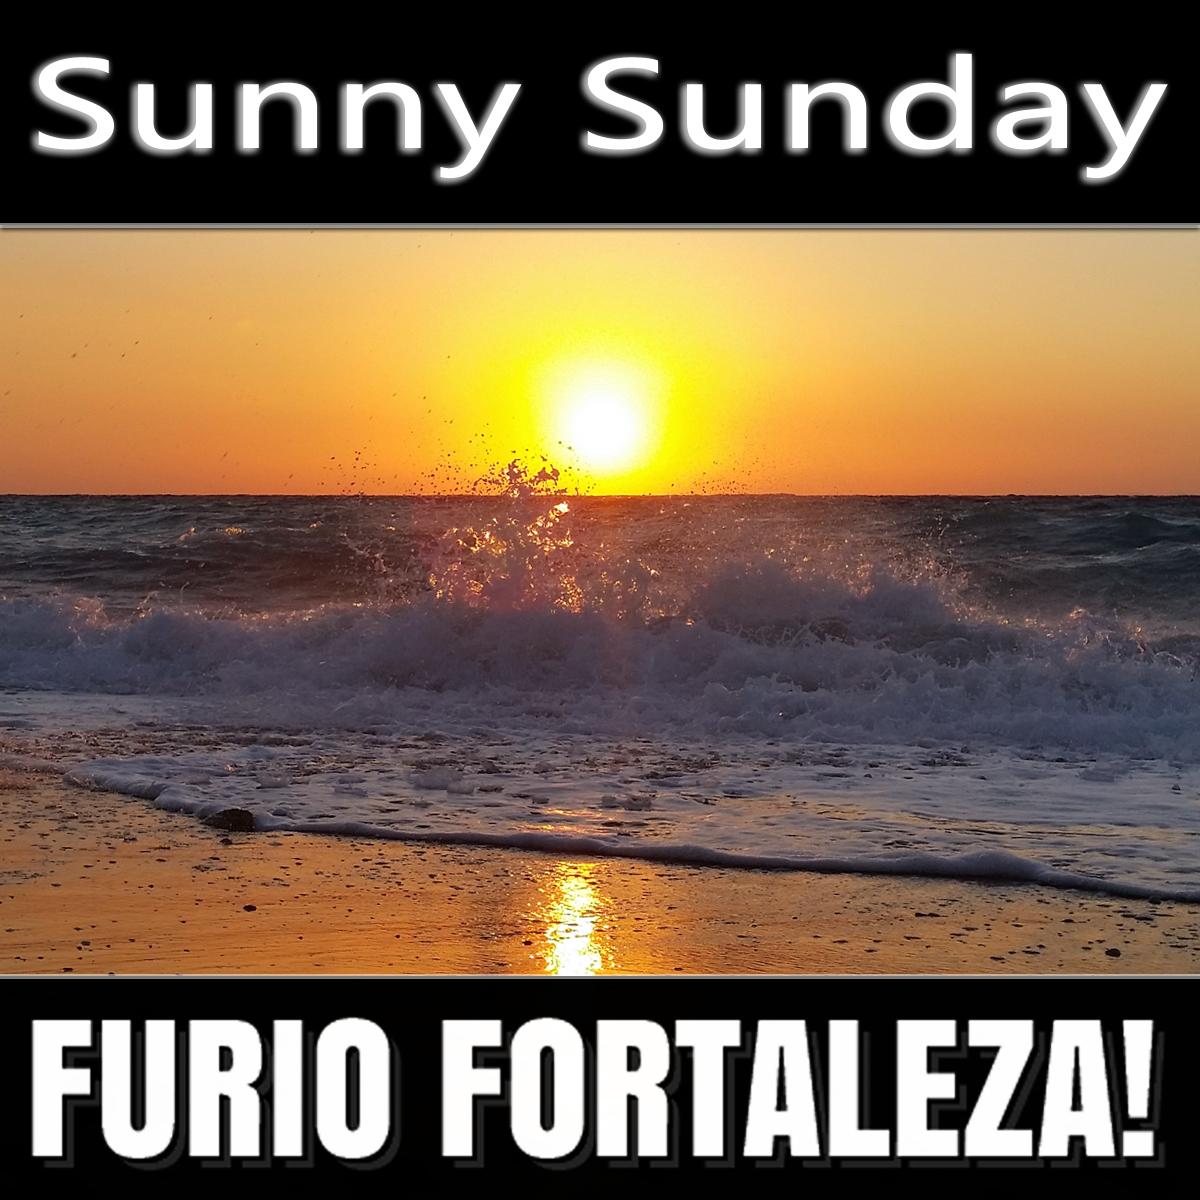 Furio Fortaleza! - 4.3 - Sunny Sunday